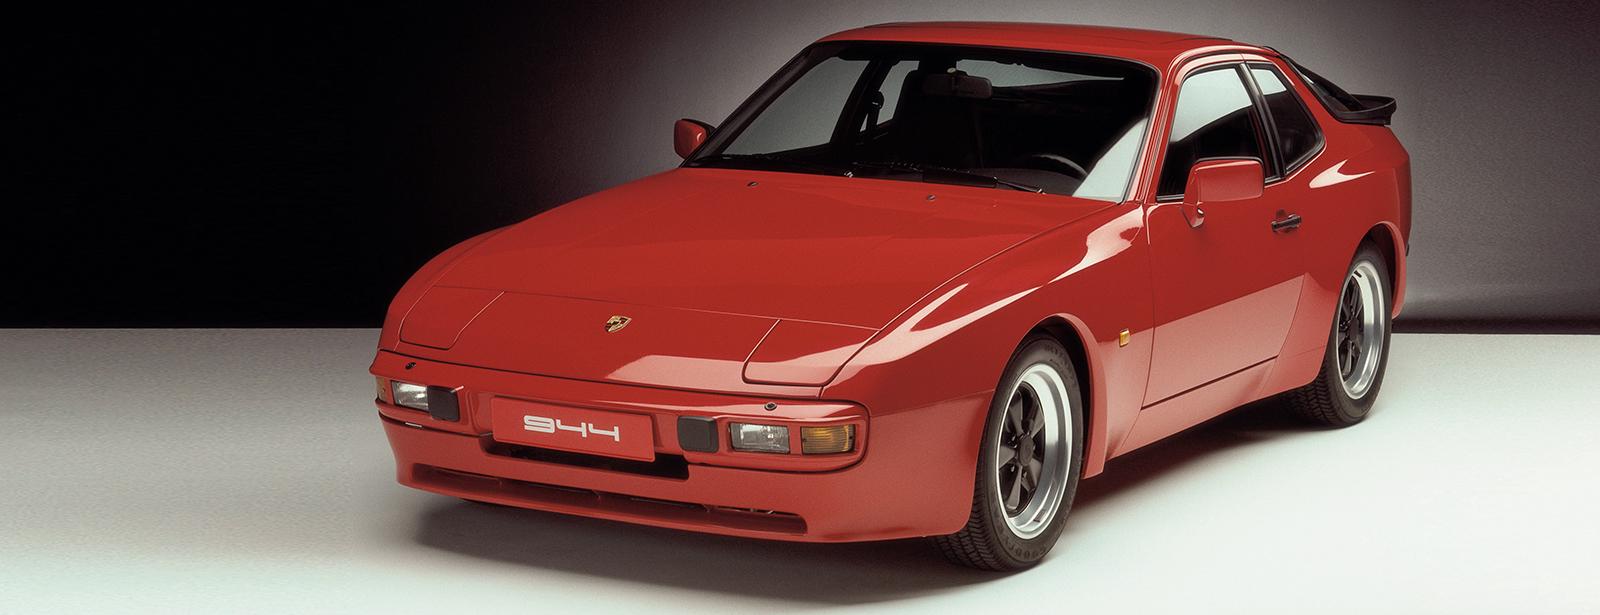 Affordable Vintage Models Porsche 944 rear 3-quarter